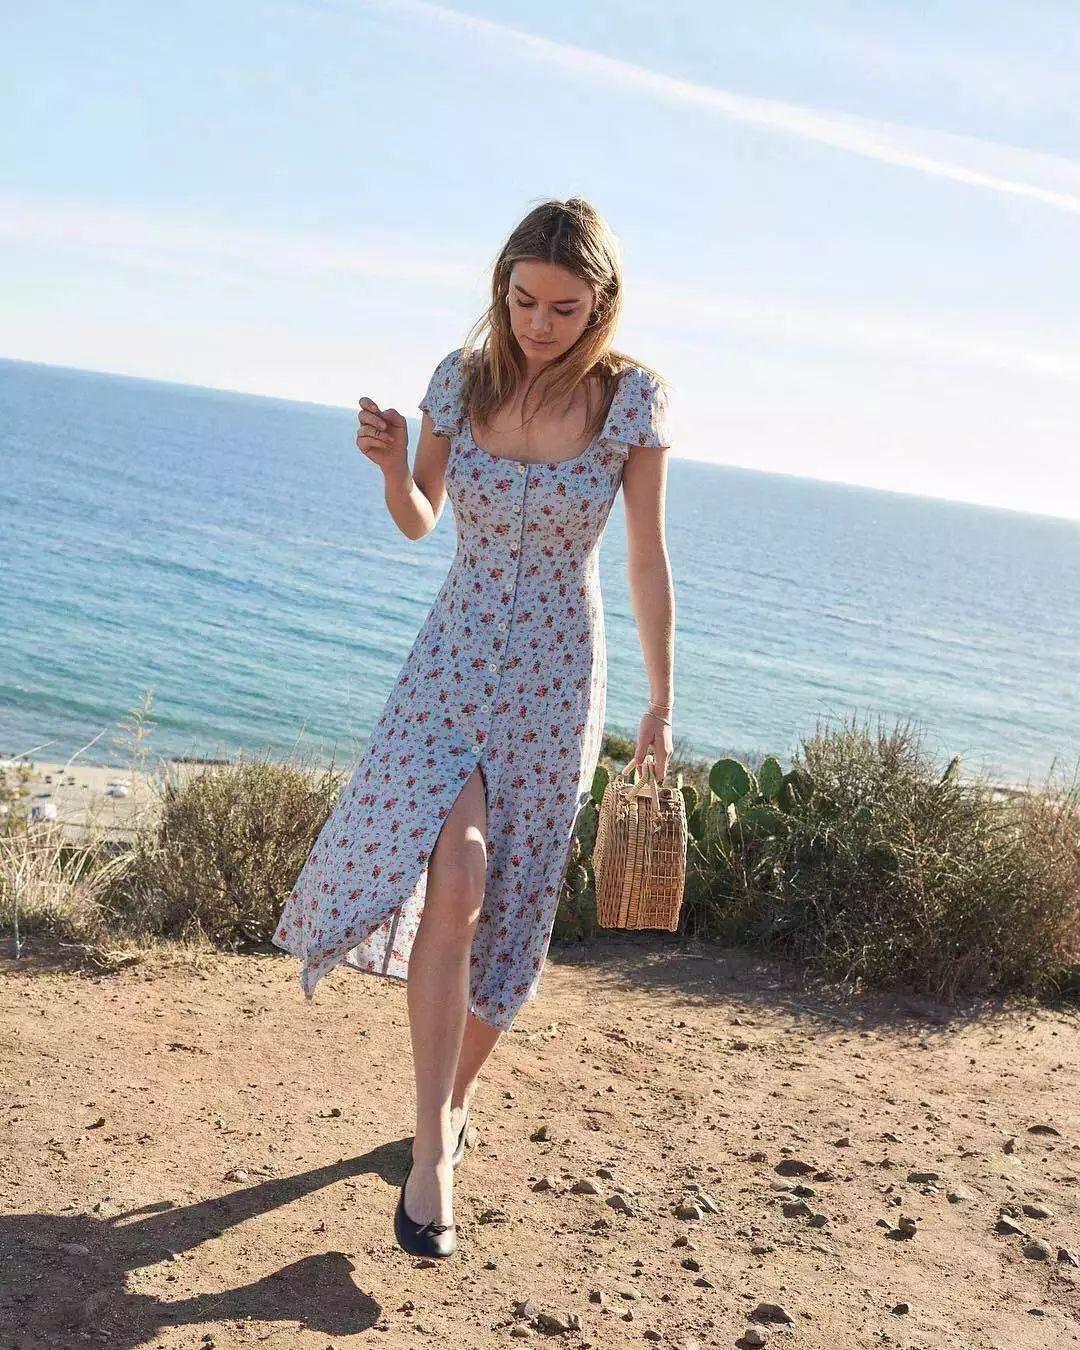 不买一条花裙子 怎么惊艳的过夏天